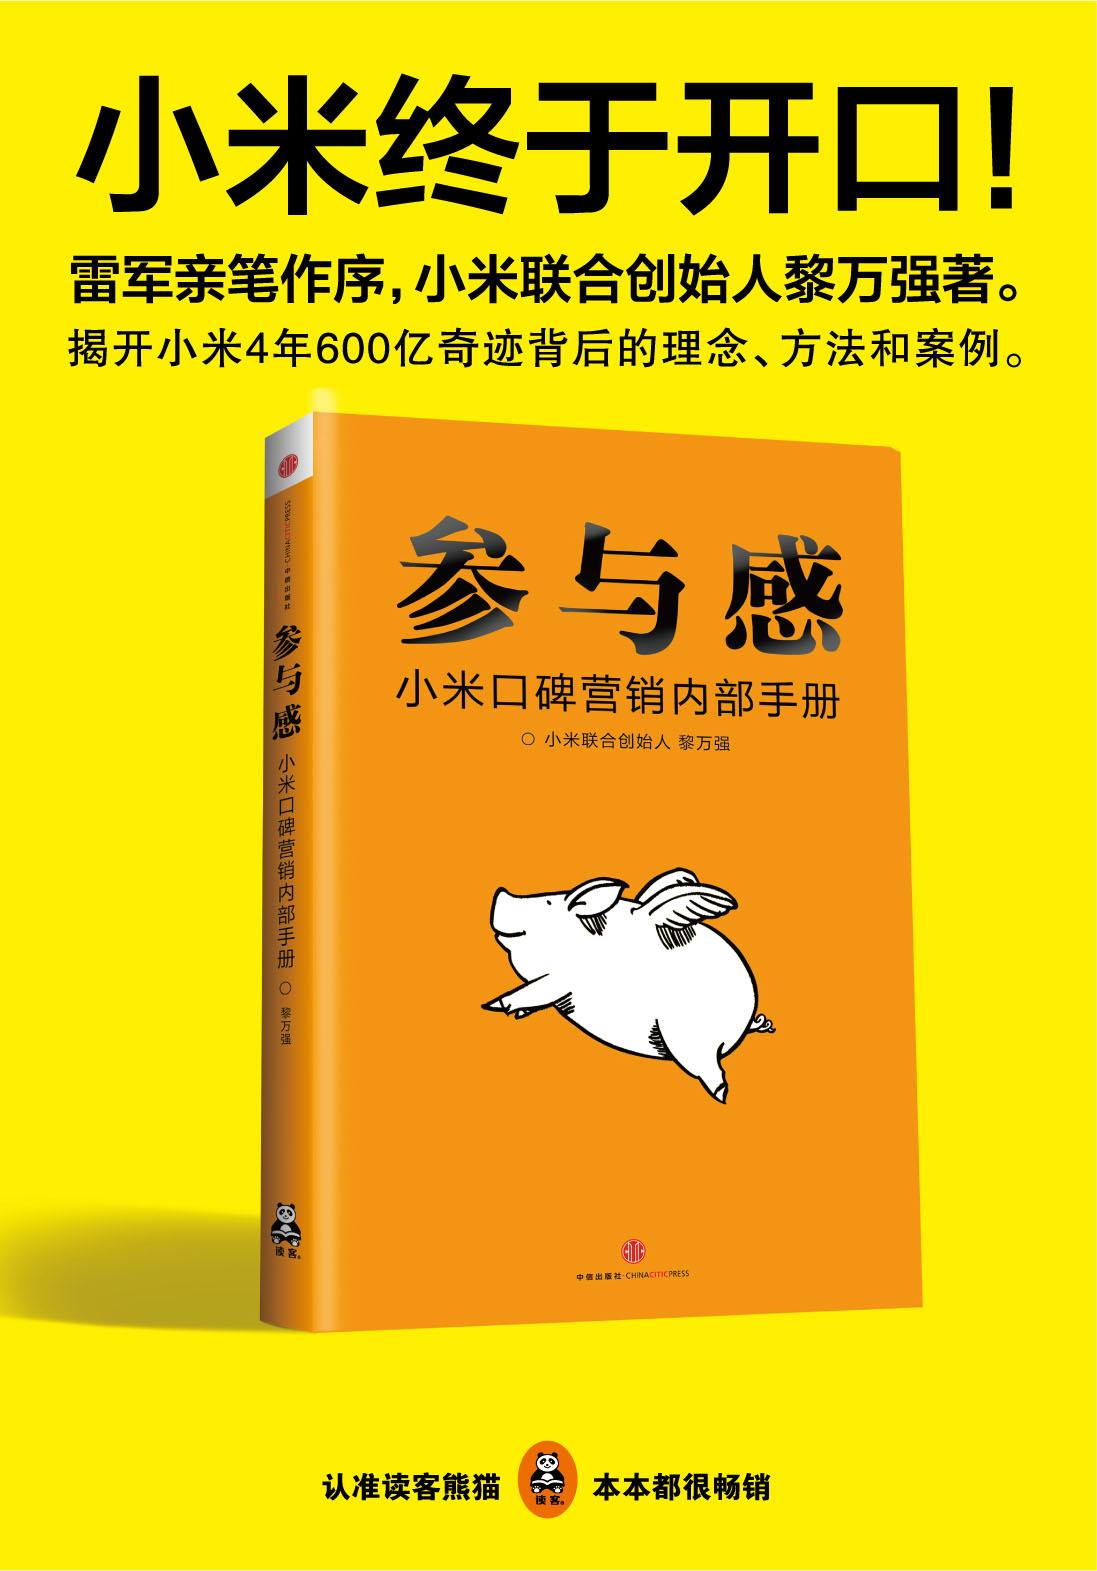 《参与感:小米口碑营销内部手册》(黎万强)